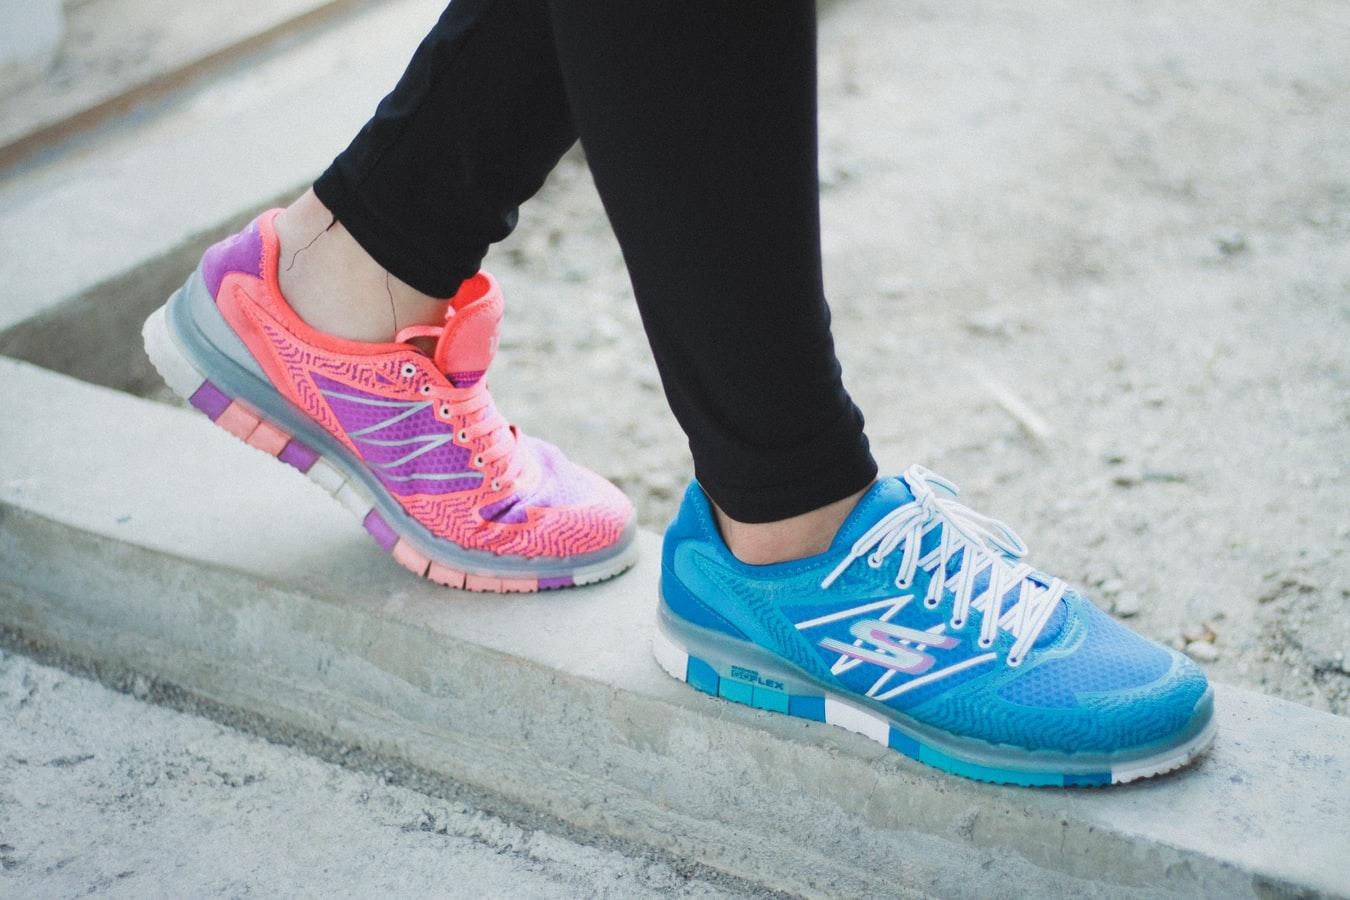 juli1 - Forkæl dine fødder med gode sko